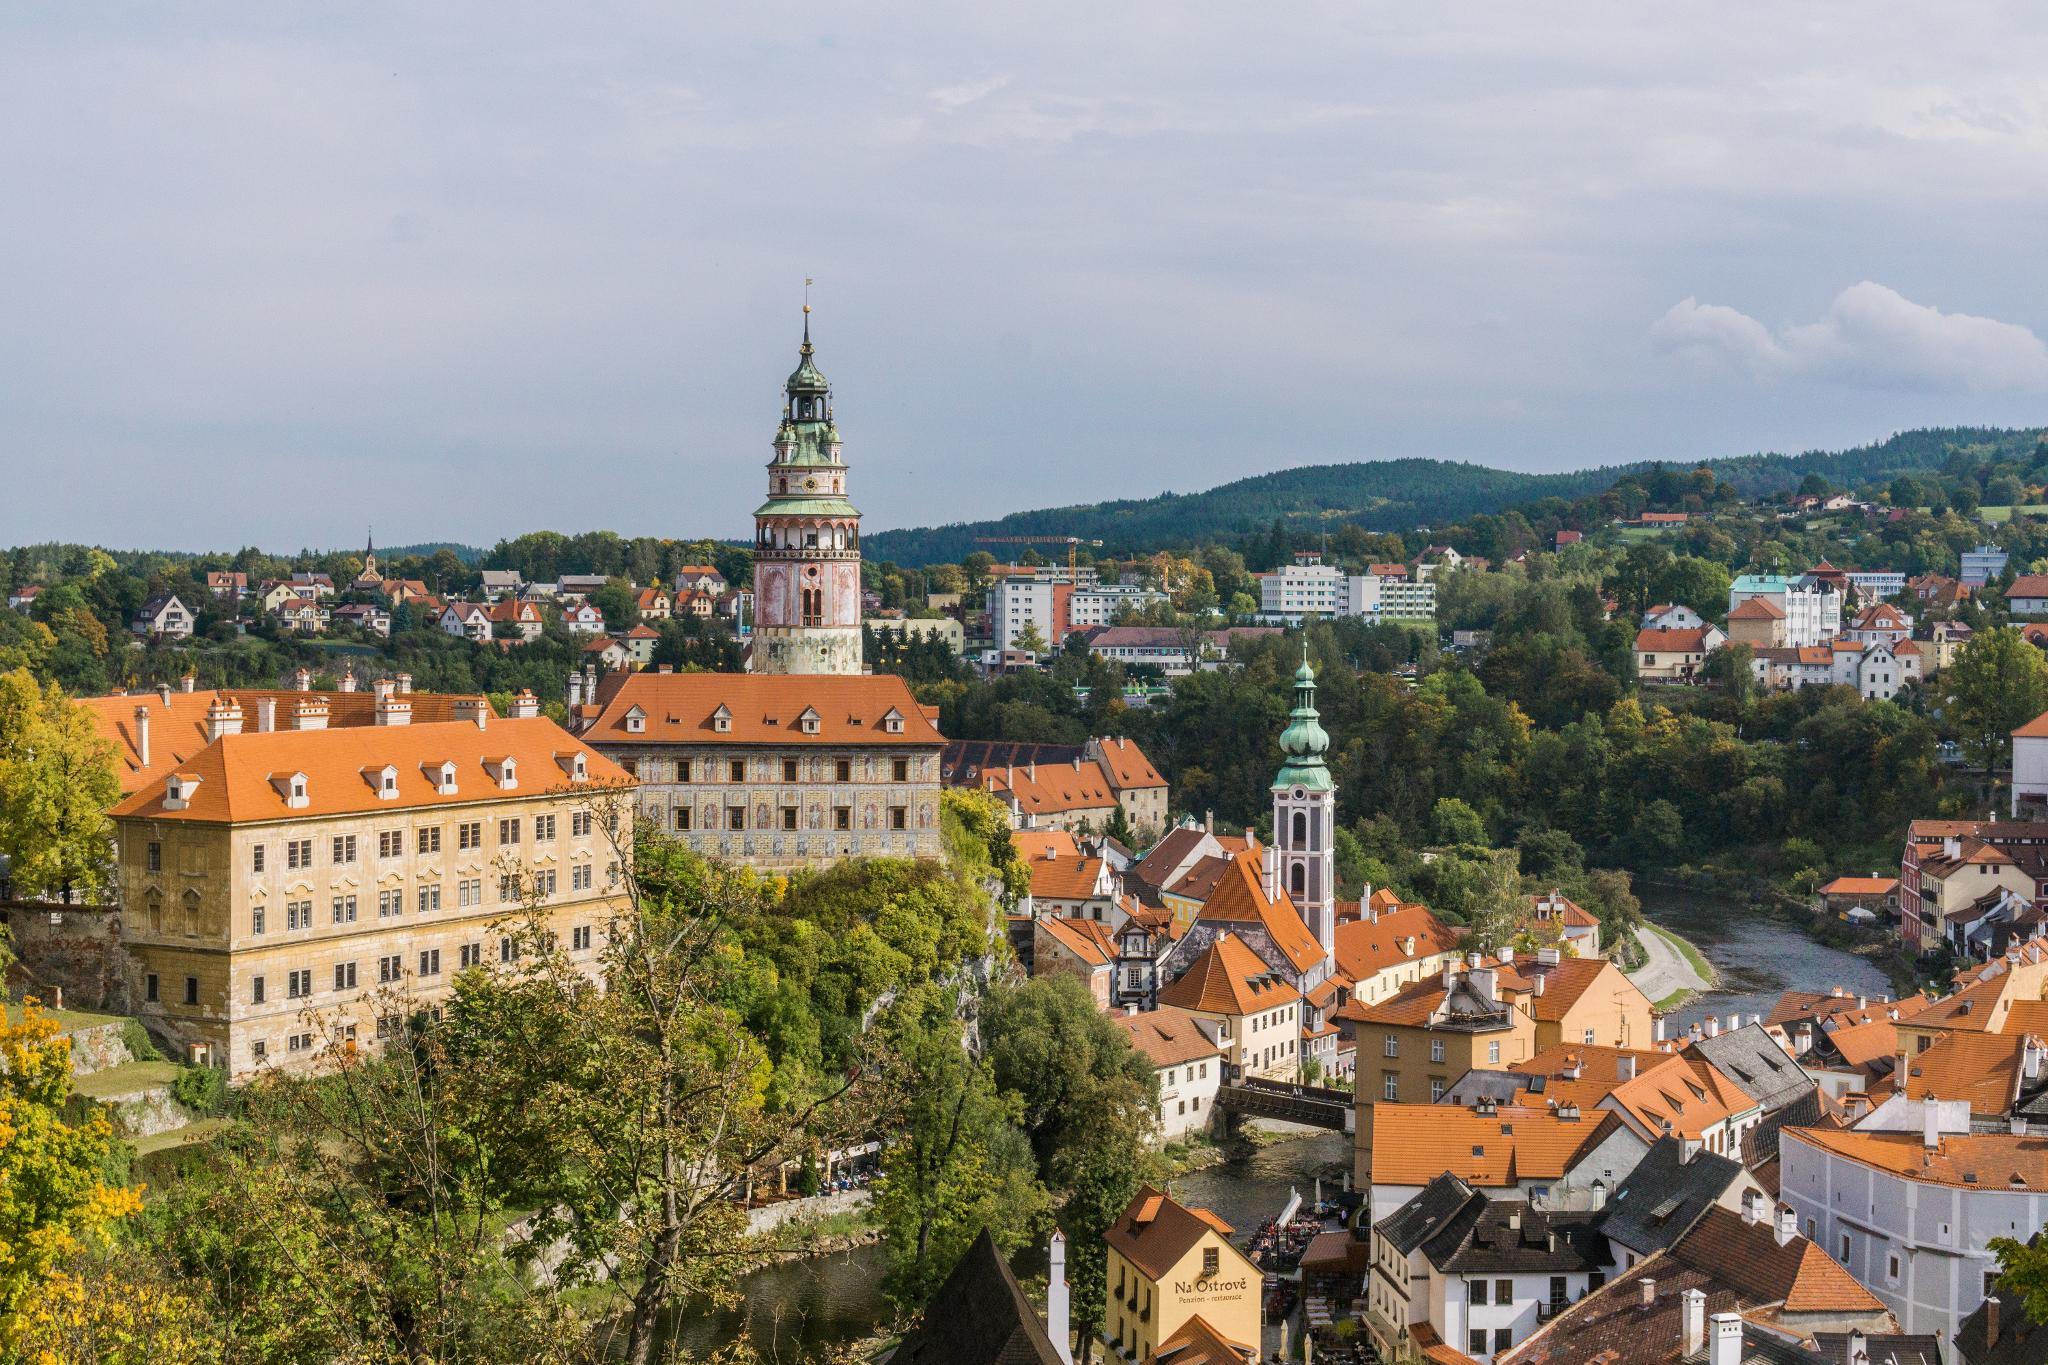 【捷克】穿越時空的波希米亞狂想曲 — Český Krumlov Castle 庫倫諾夫城堡 26